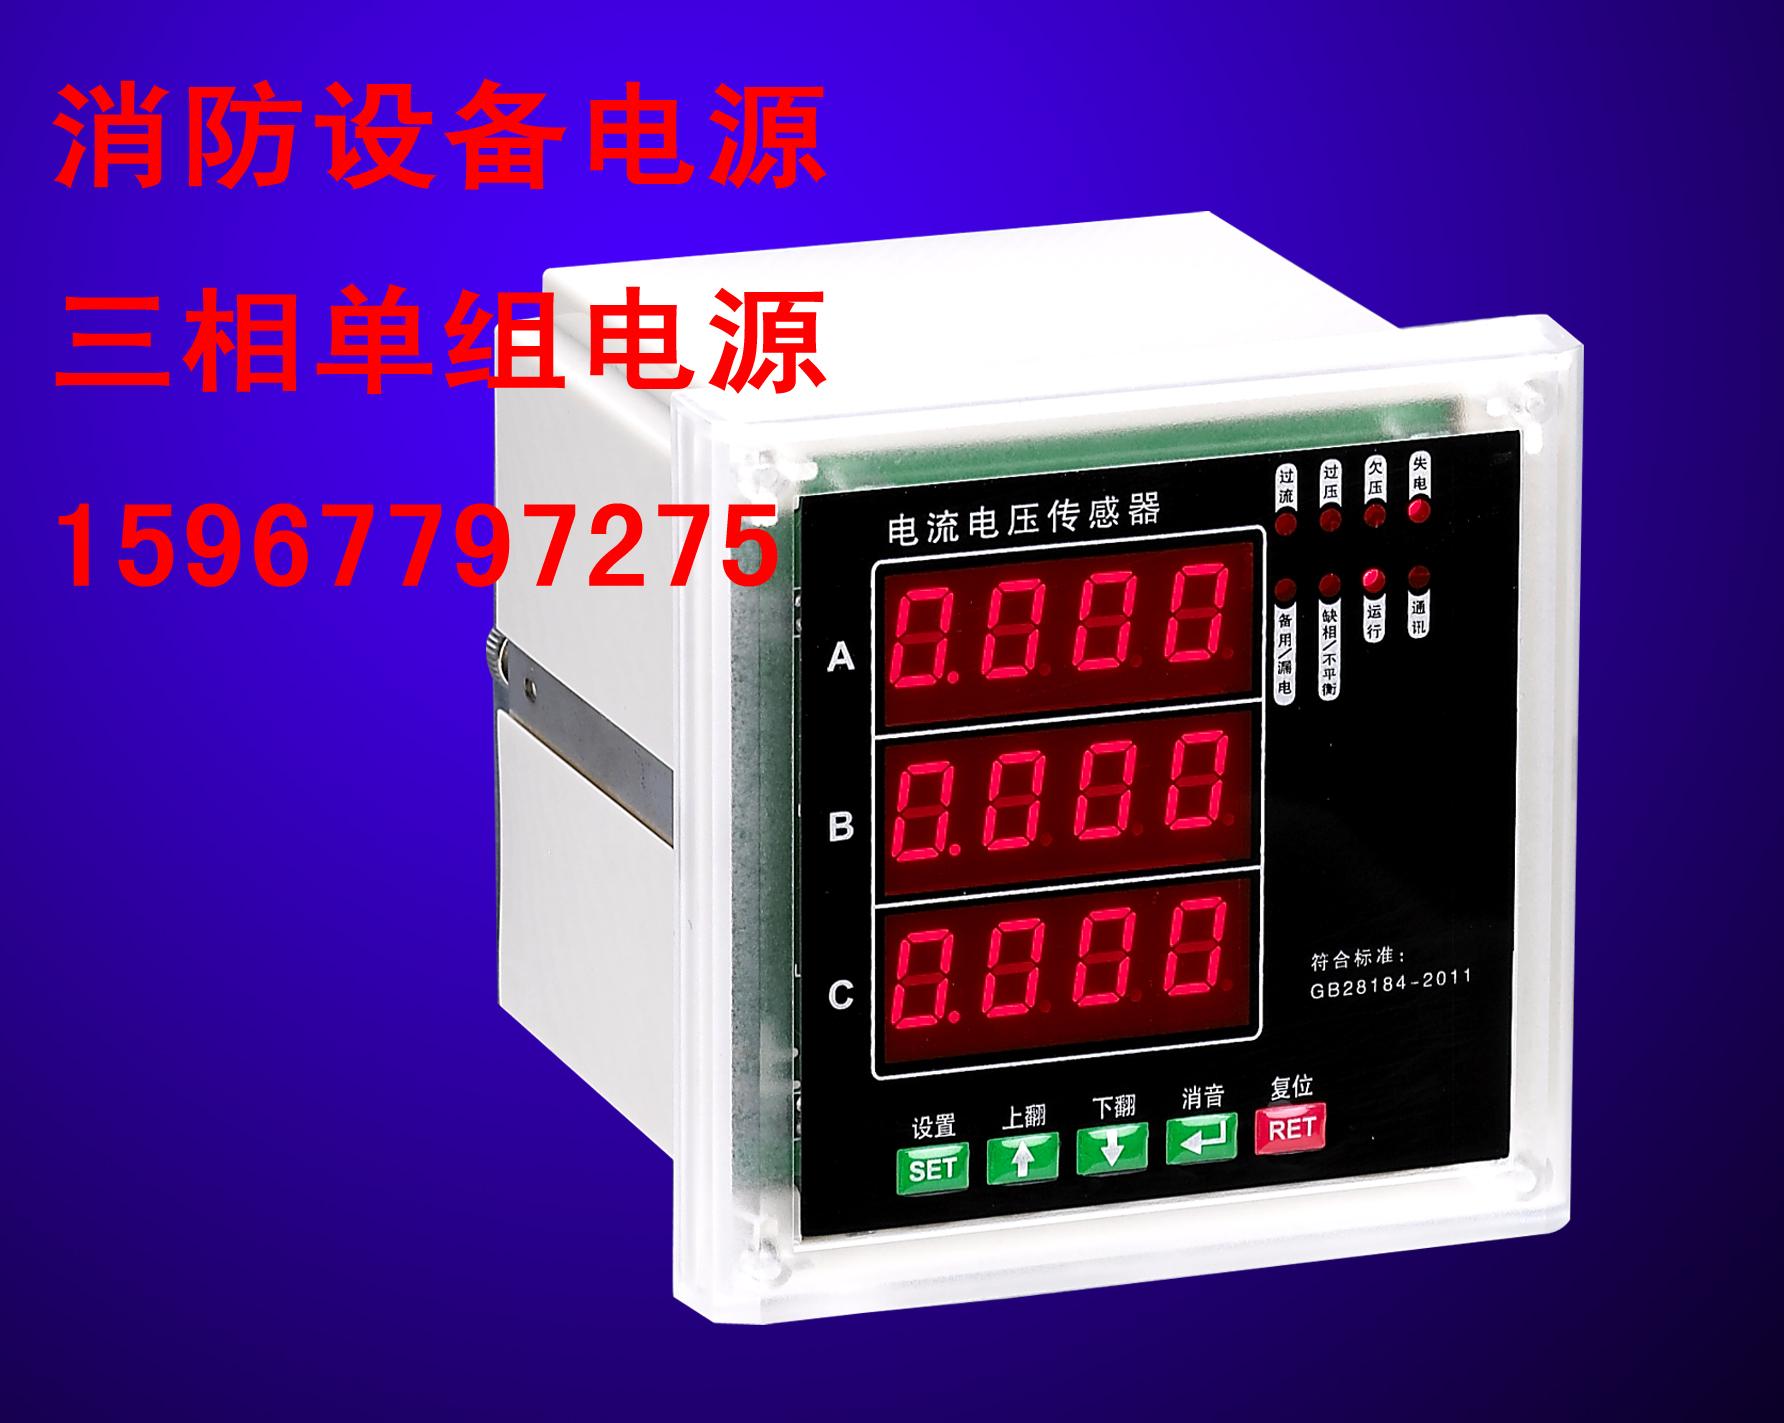 消防設備電源電流/電圧センサ消防設備電源制御モジュール三相組電源